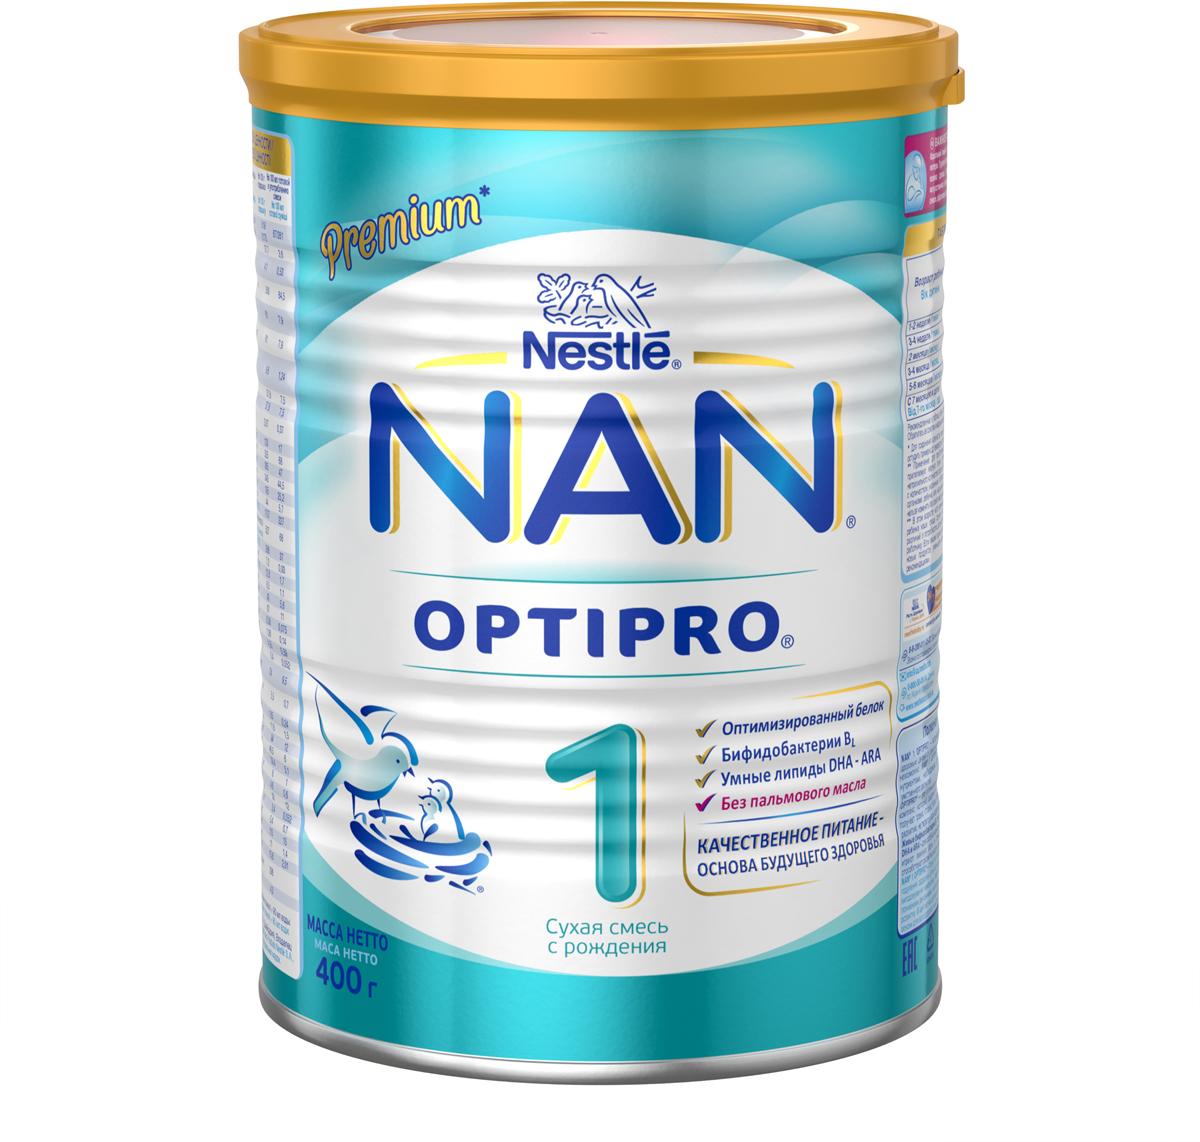 NAN 1 OPTIPRO смесь молочная, с рождения 400 г